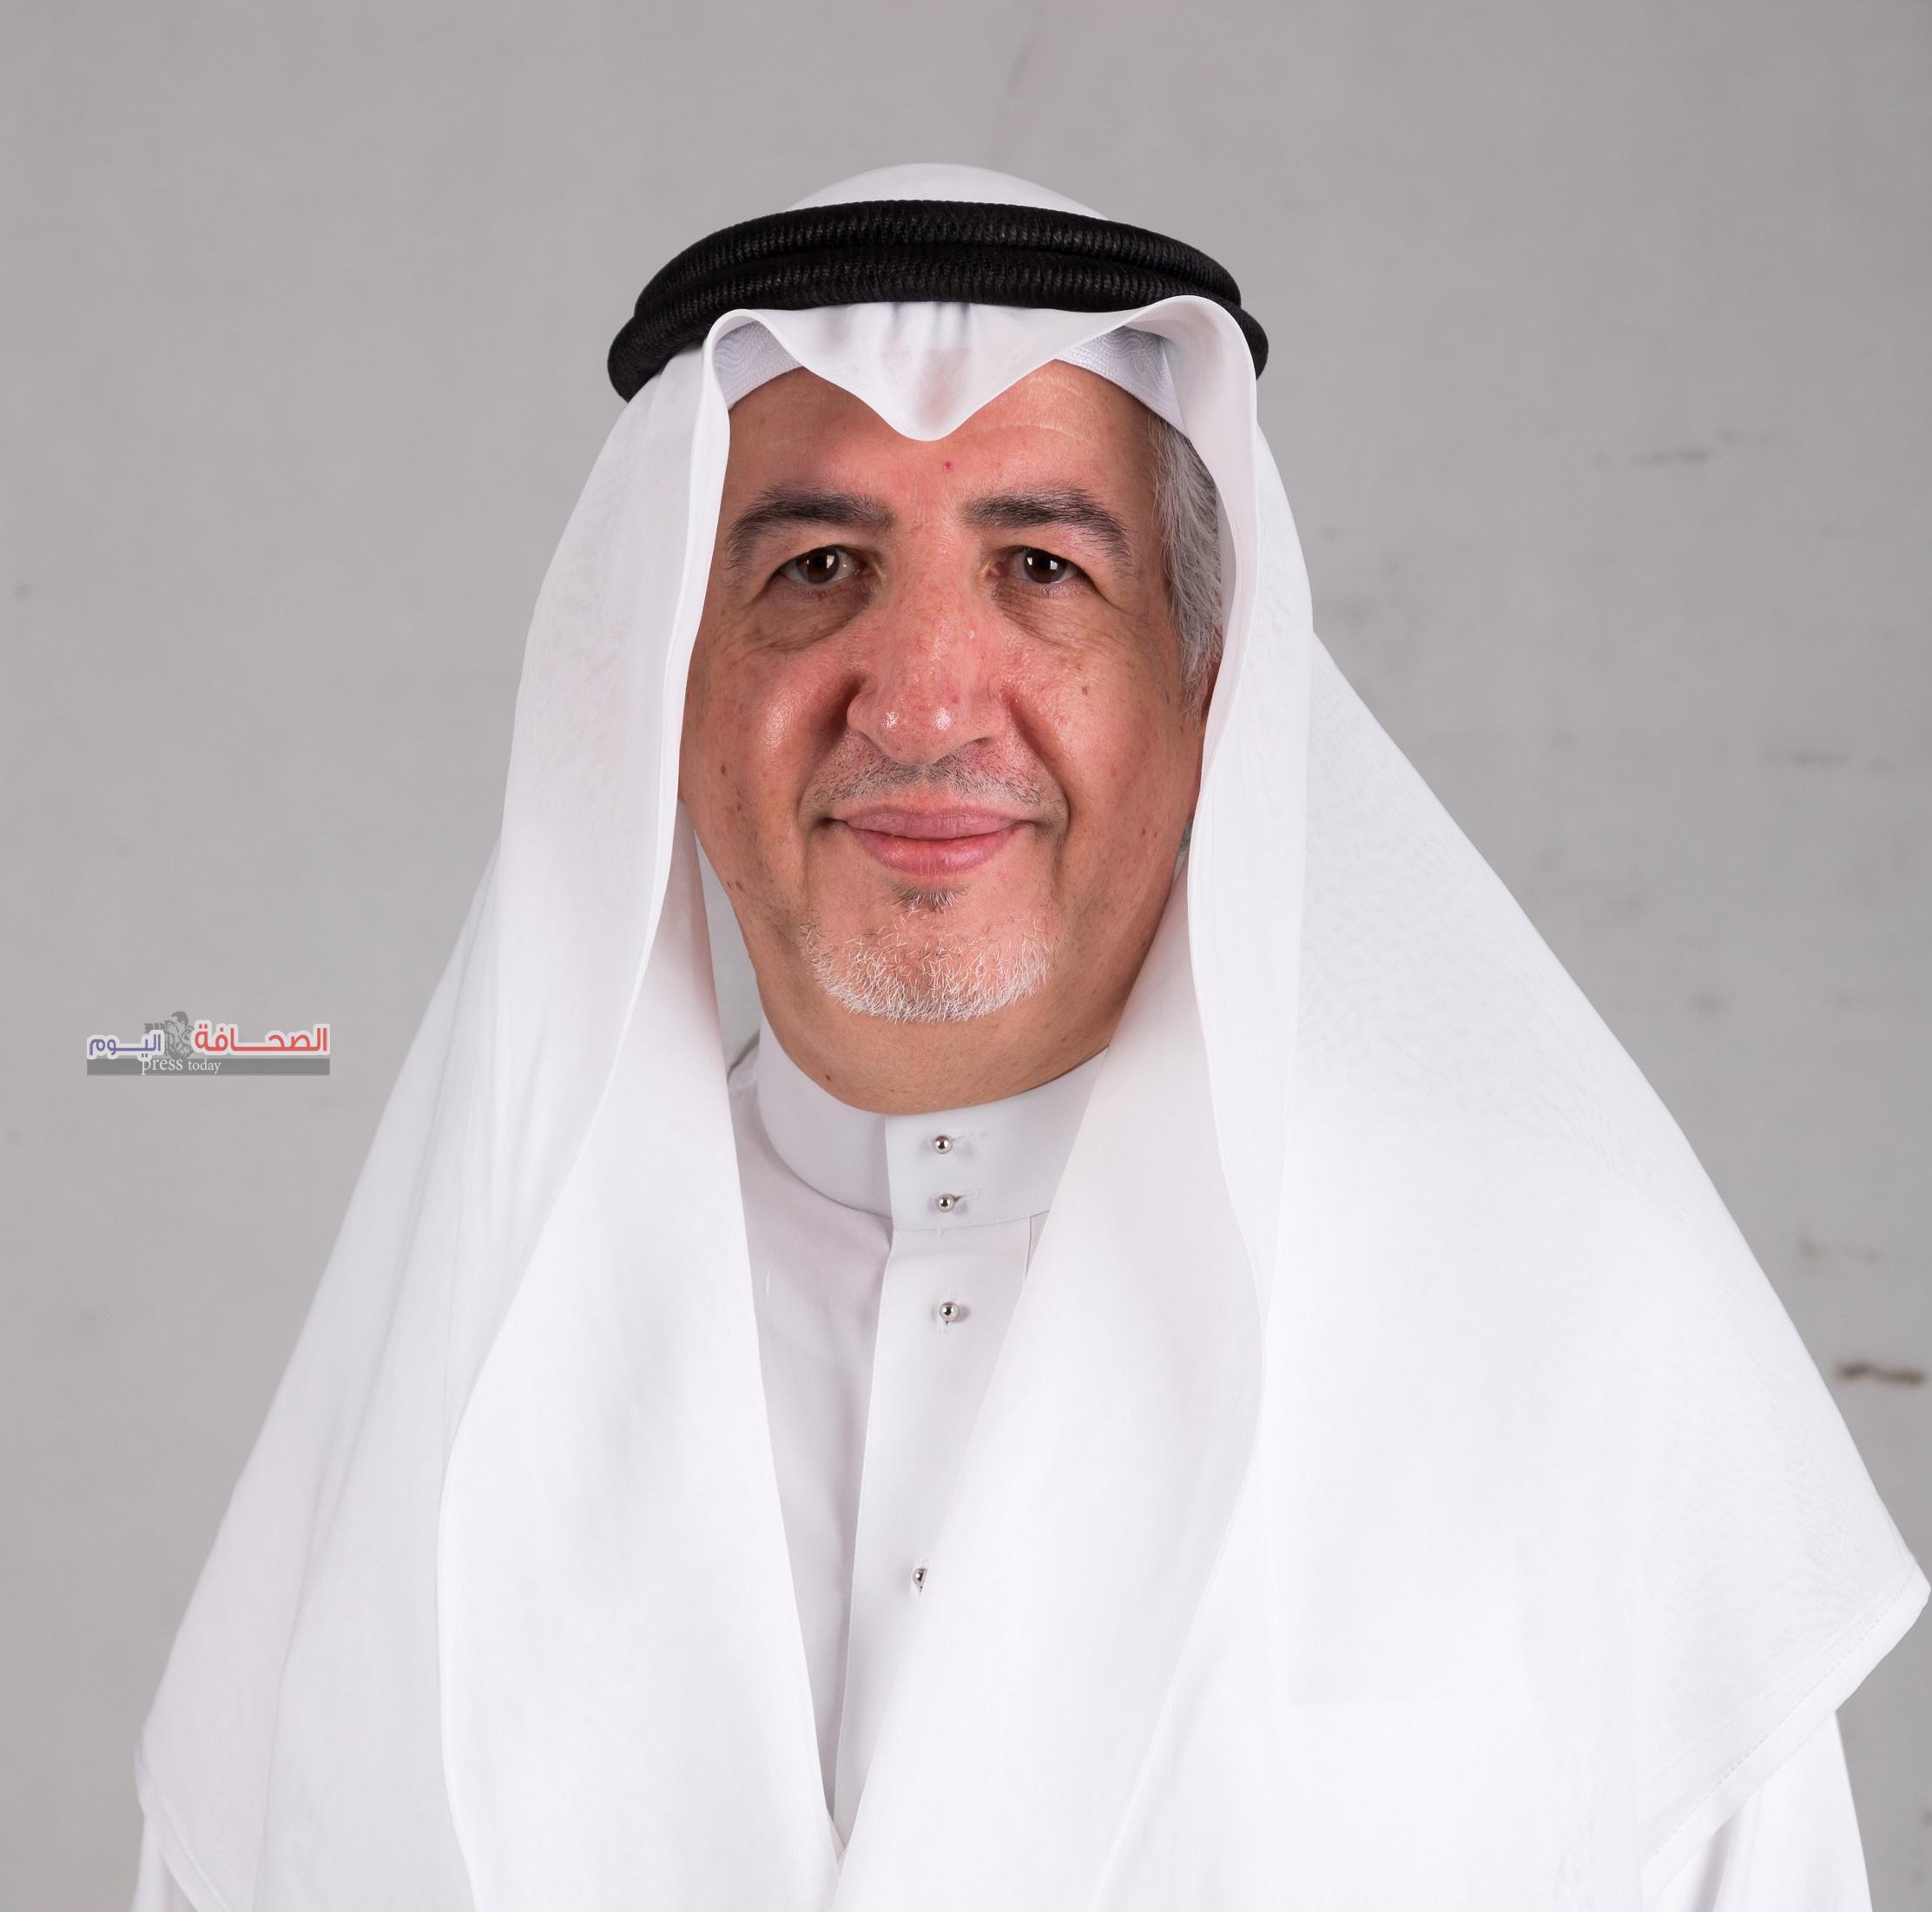 رئيس المؤسسة الإسلامية لتمويل التجارة: نسعى لشراكة استراتيجية مع مصر